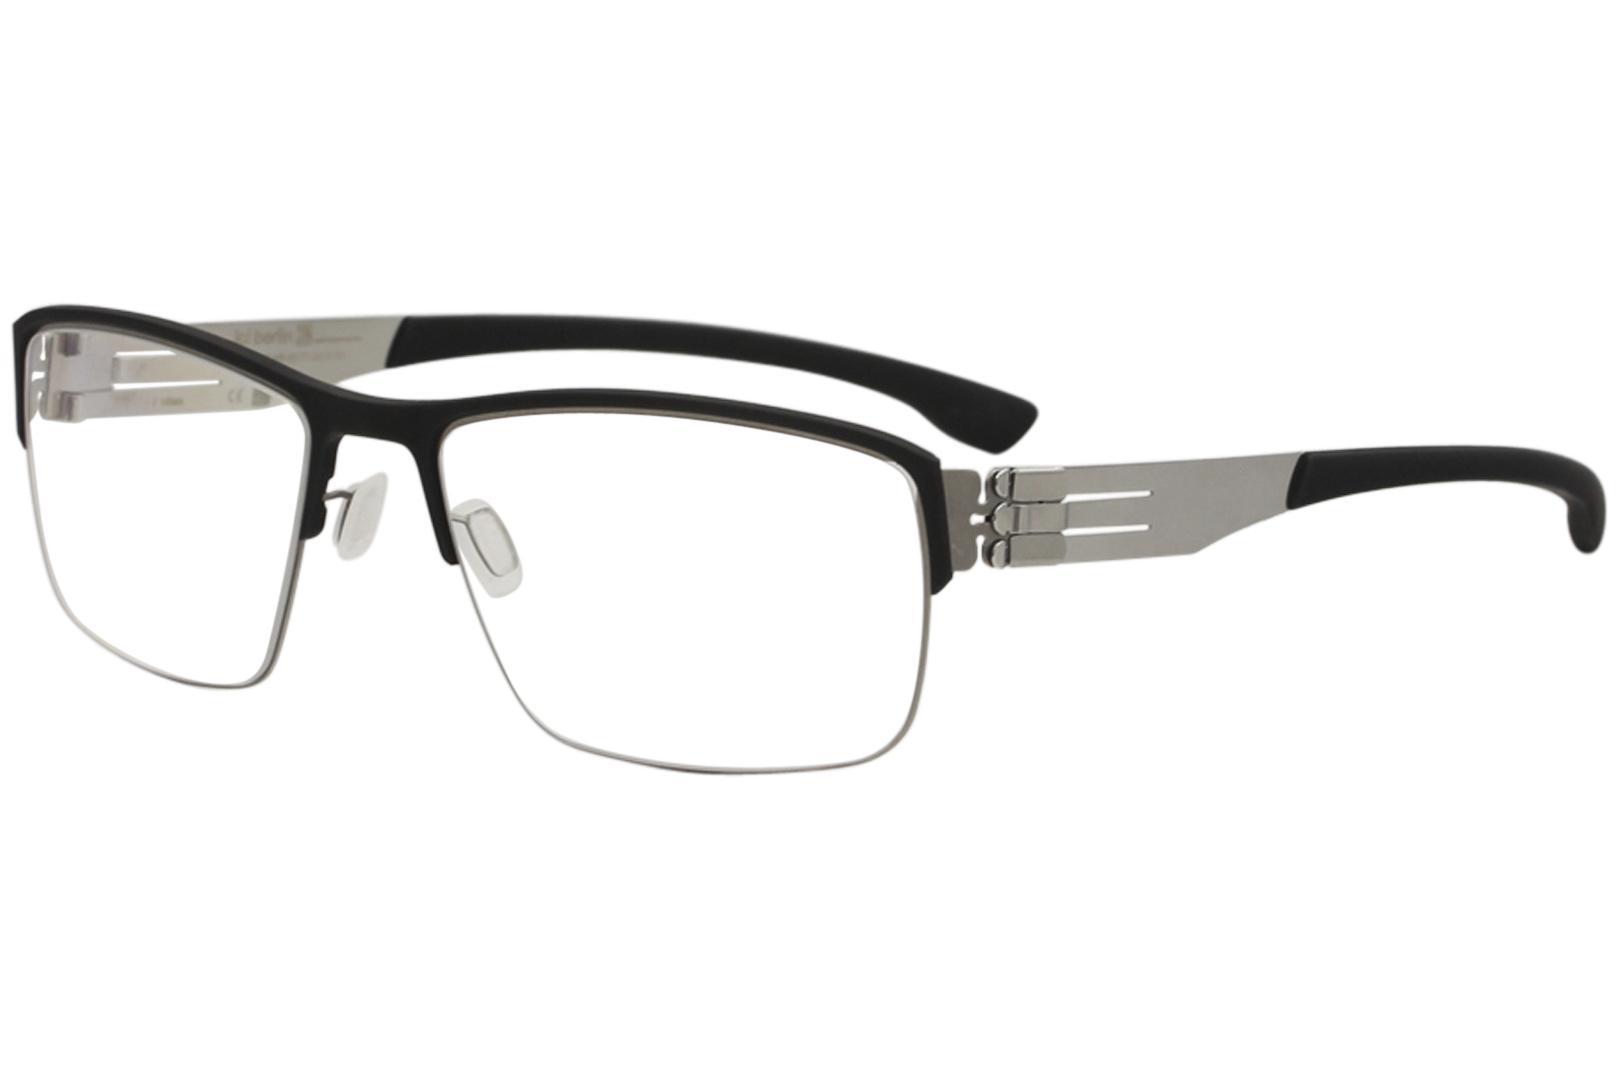 3ef4fdd66e2 Ic! Berlin Men s Eyeglasses Max S. Full Rim Optical Frame